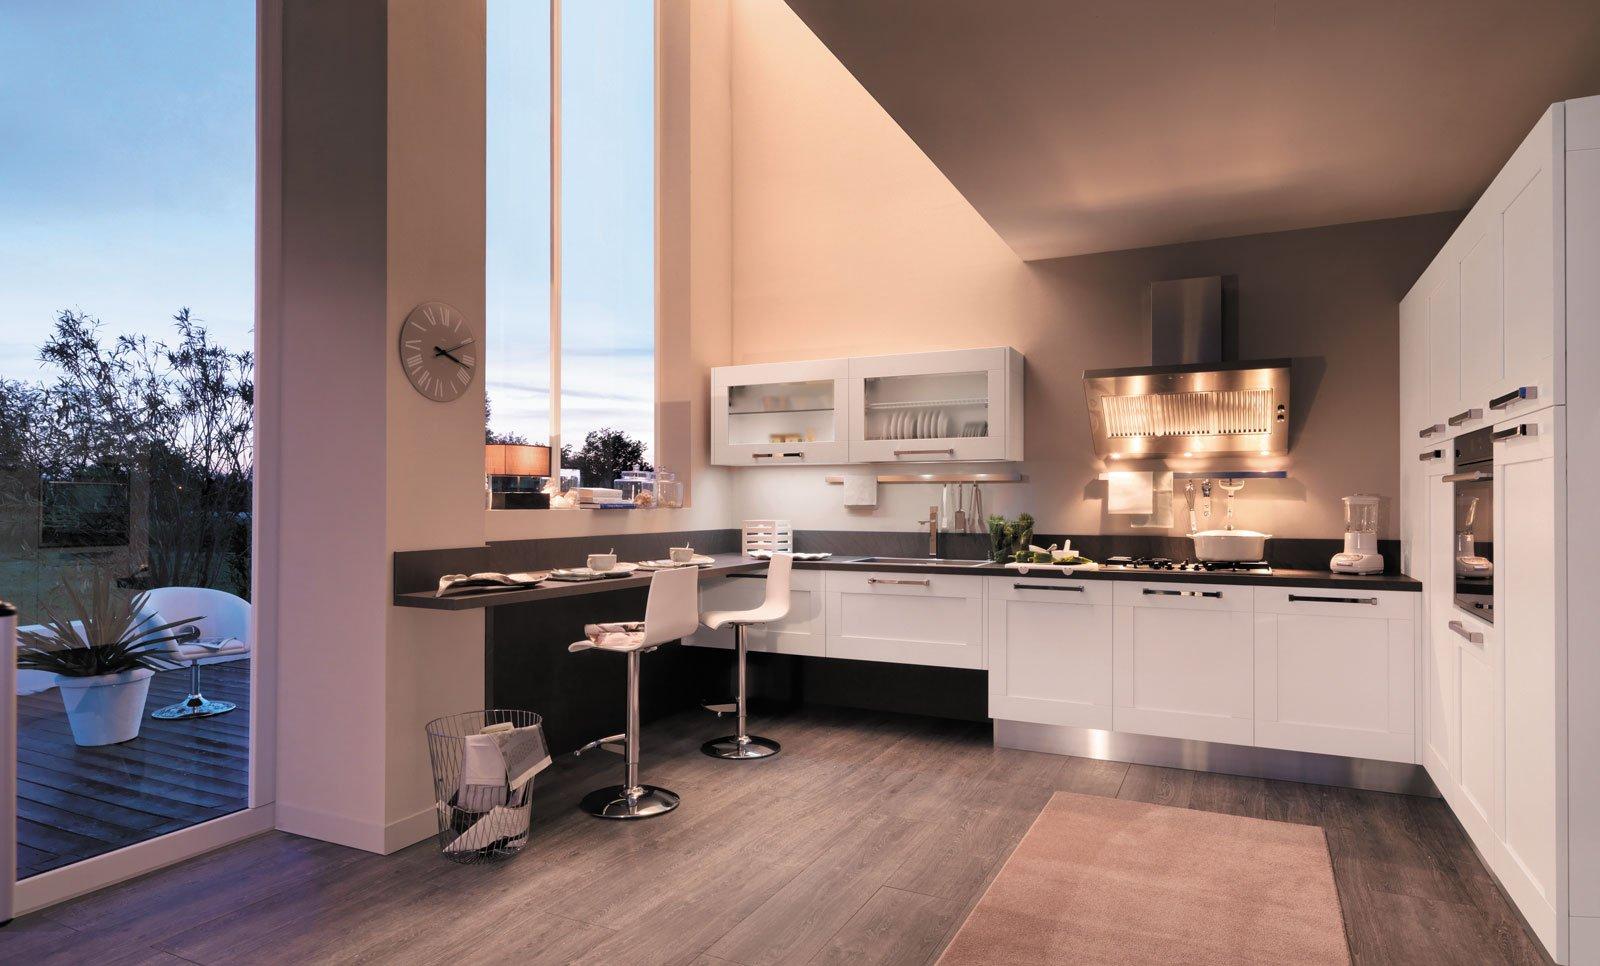 Cucina Moderna Bianca E Rovere. Awesome Cucina Rovere Grigio Con ...